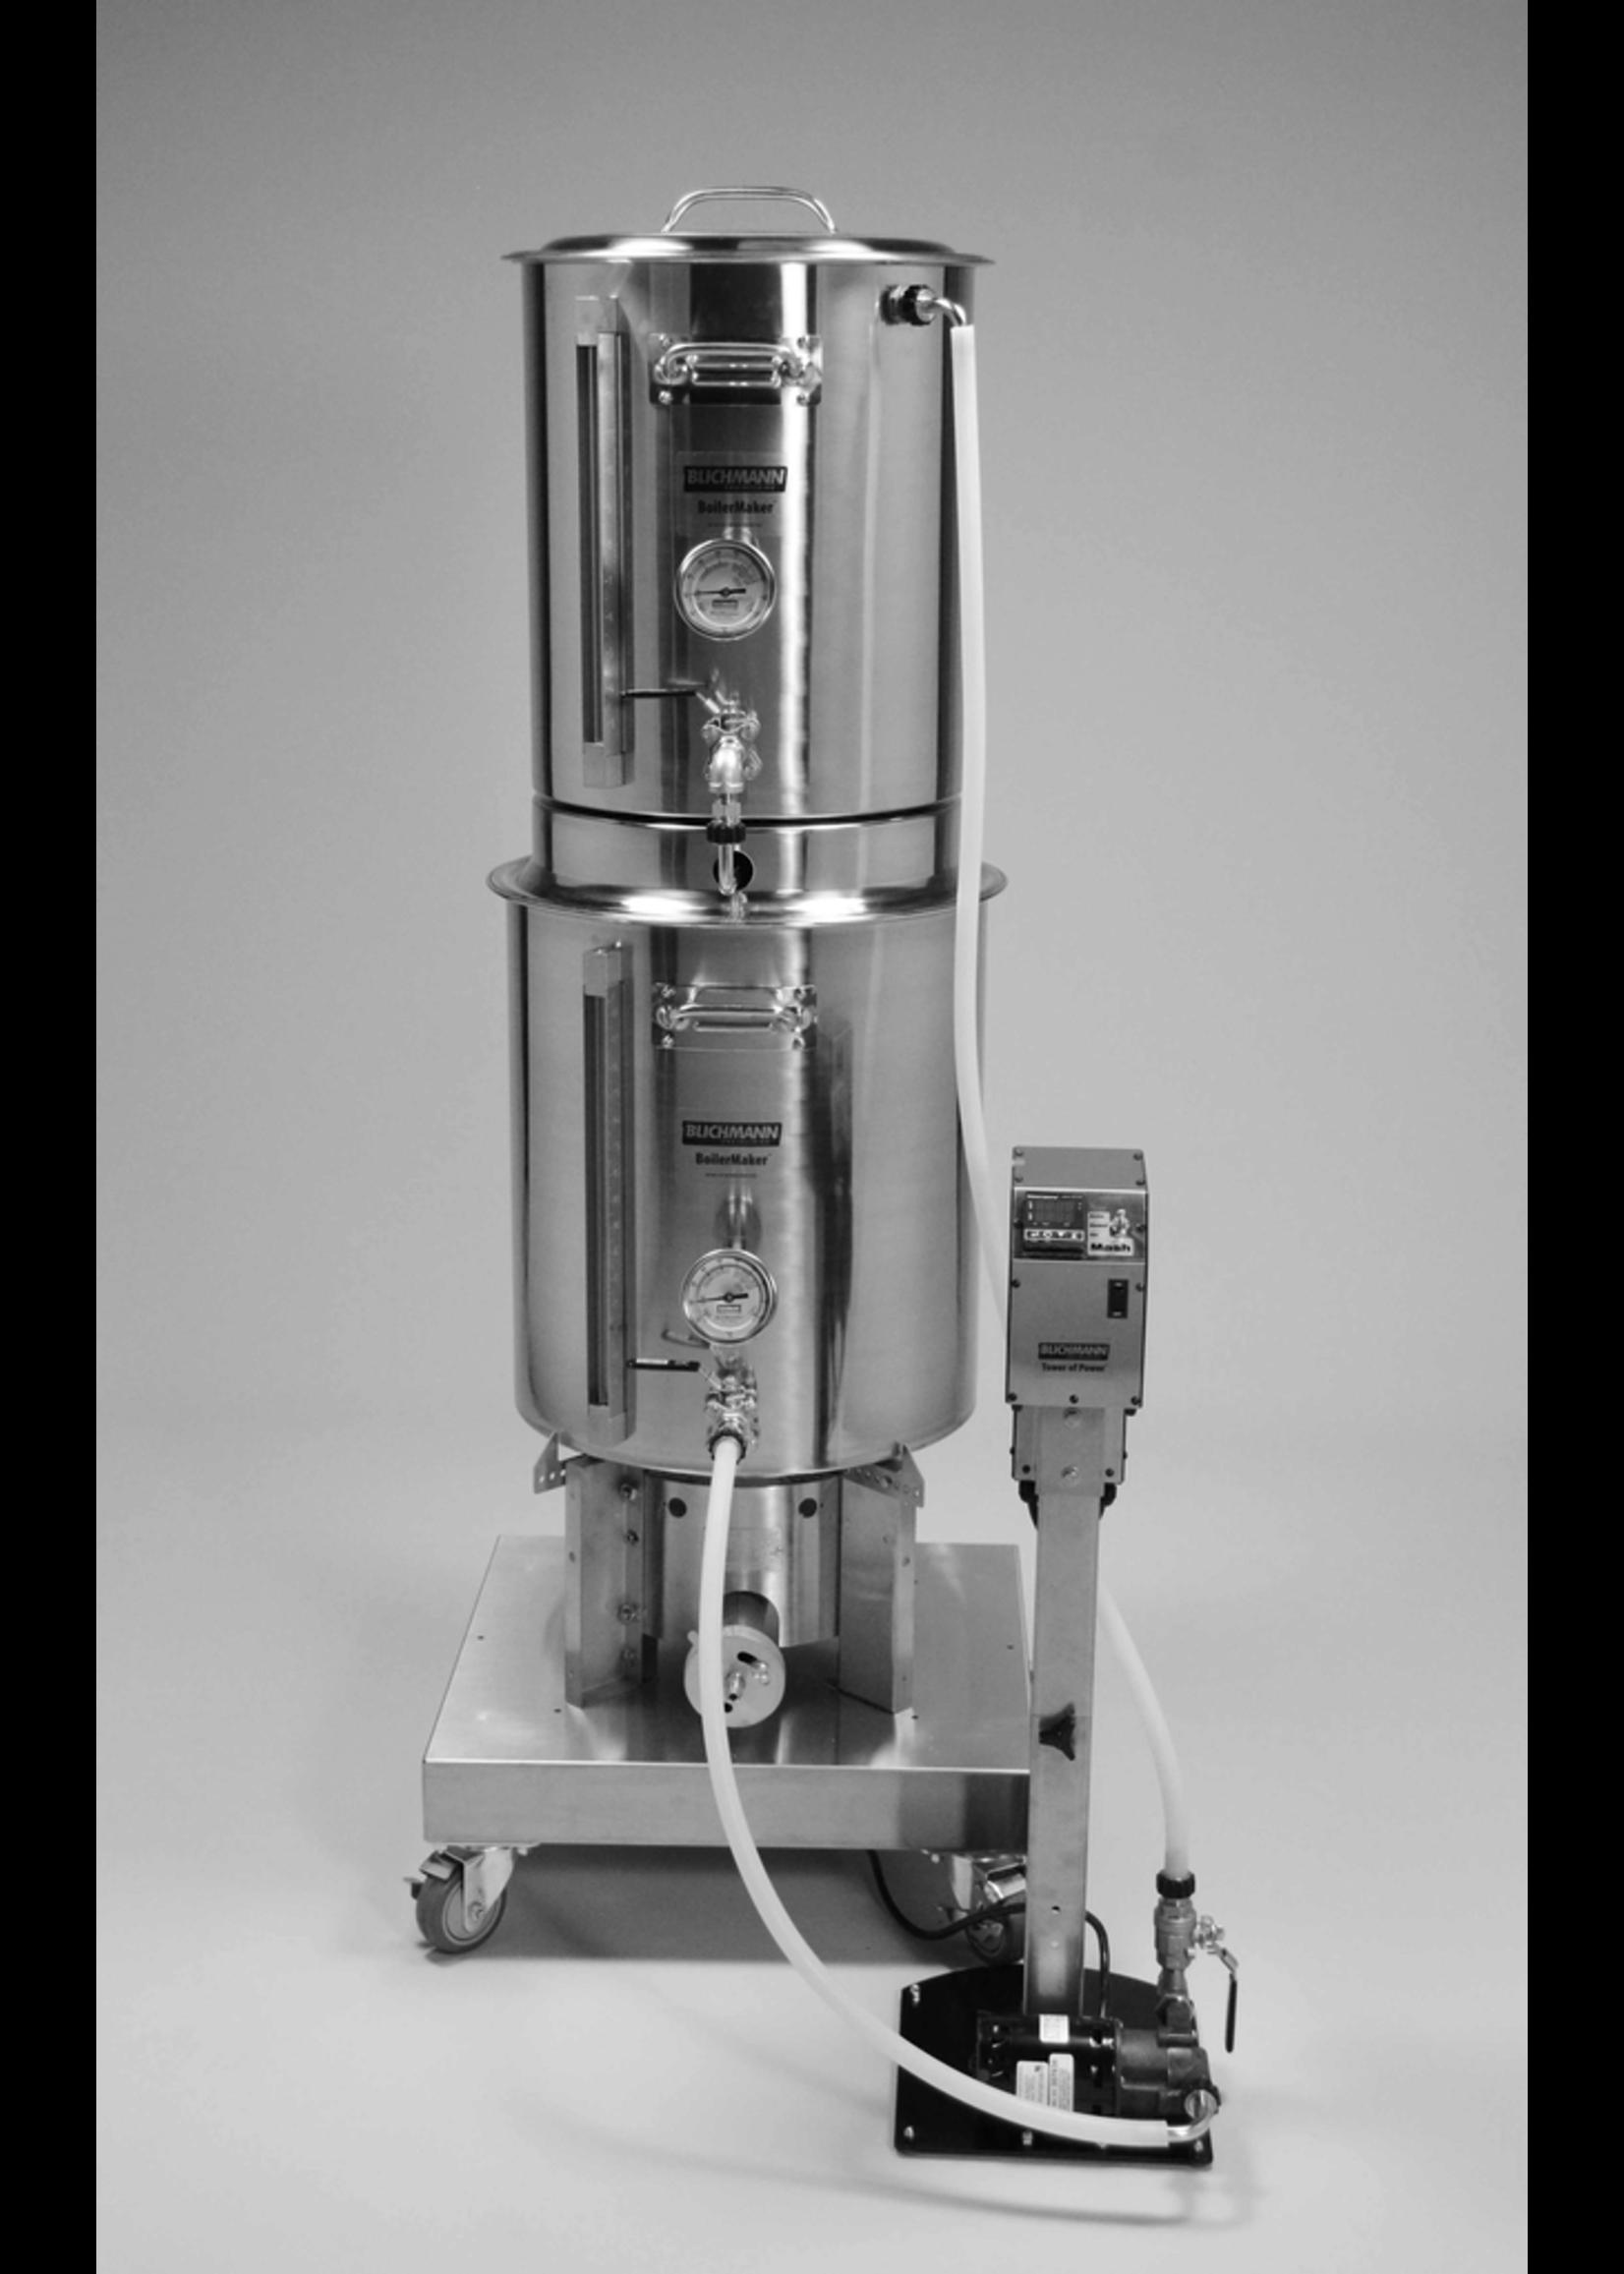 Blichmann Blichmann BrewEasy - Turnkey Kit - Gas LTE VERSION - 10 Gallon G2